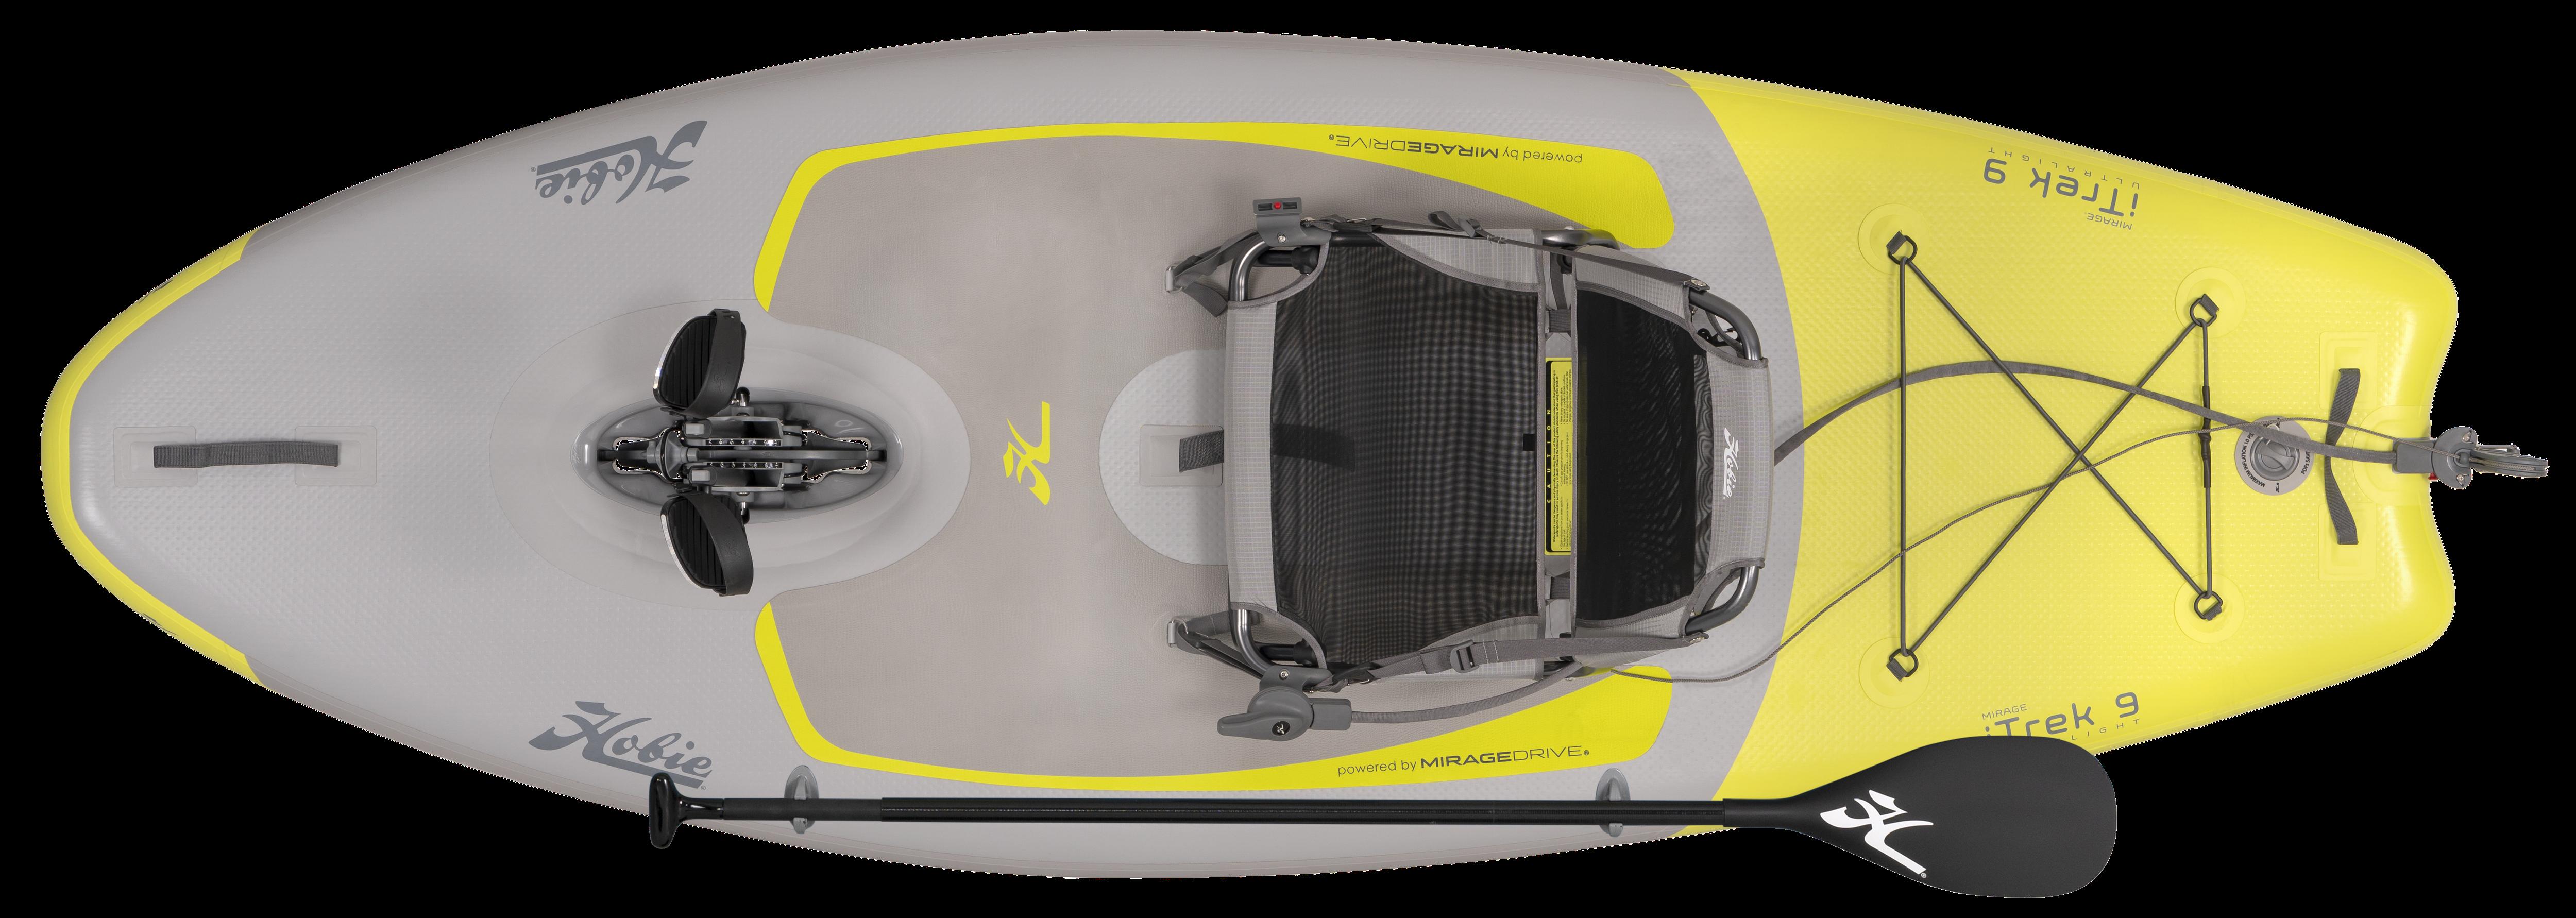 Mirage iTrek 9 Ultralite